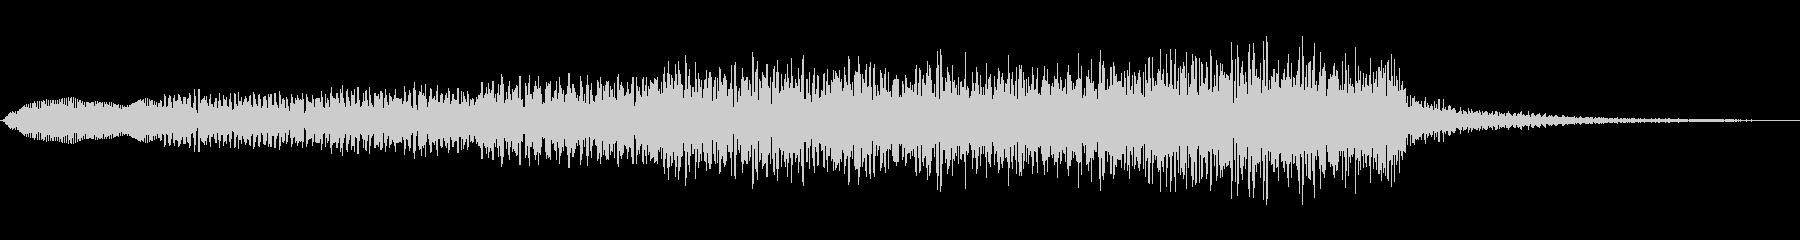 ジングル101mの未再生の波形